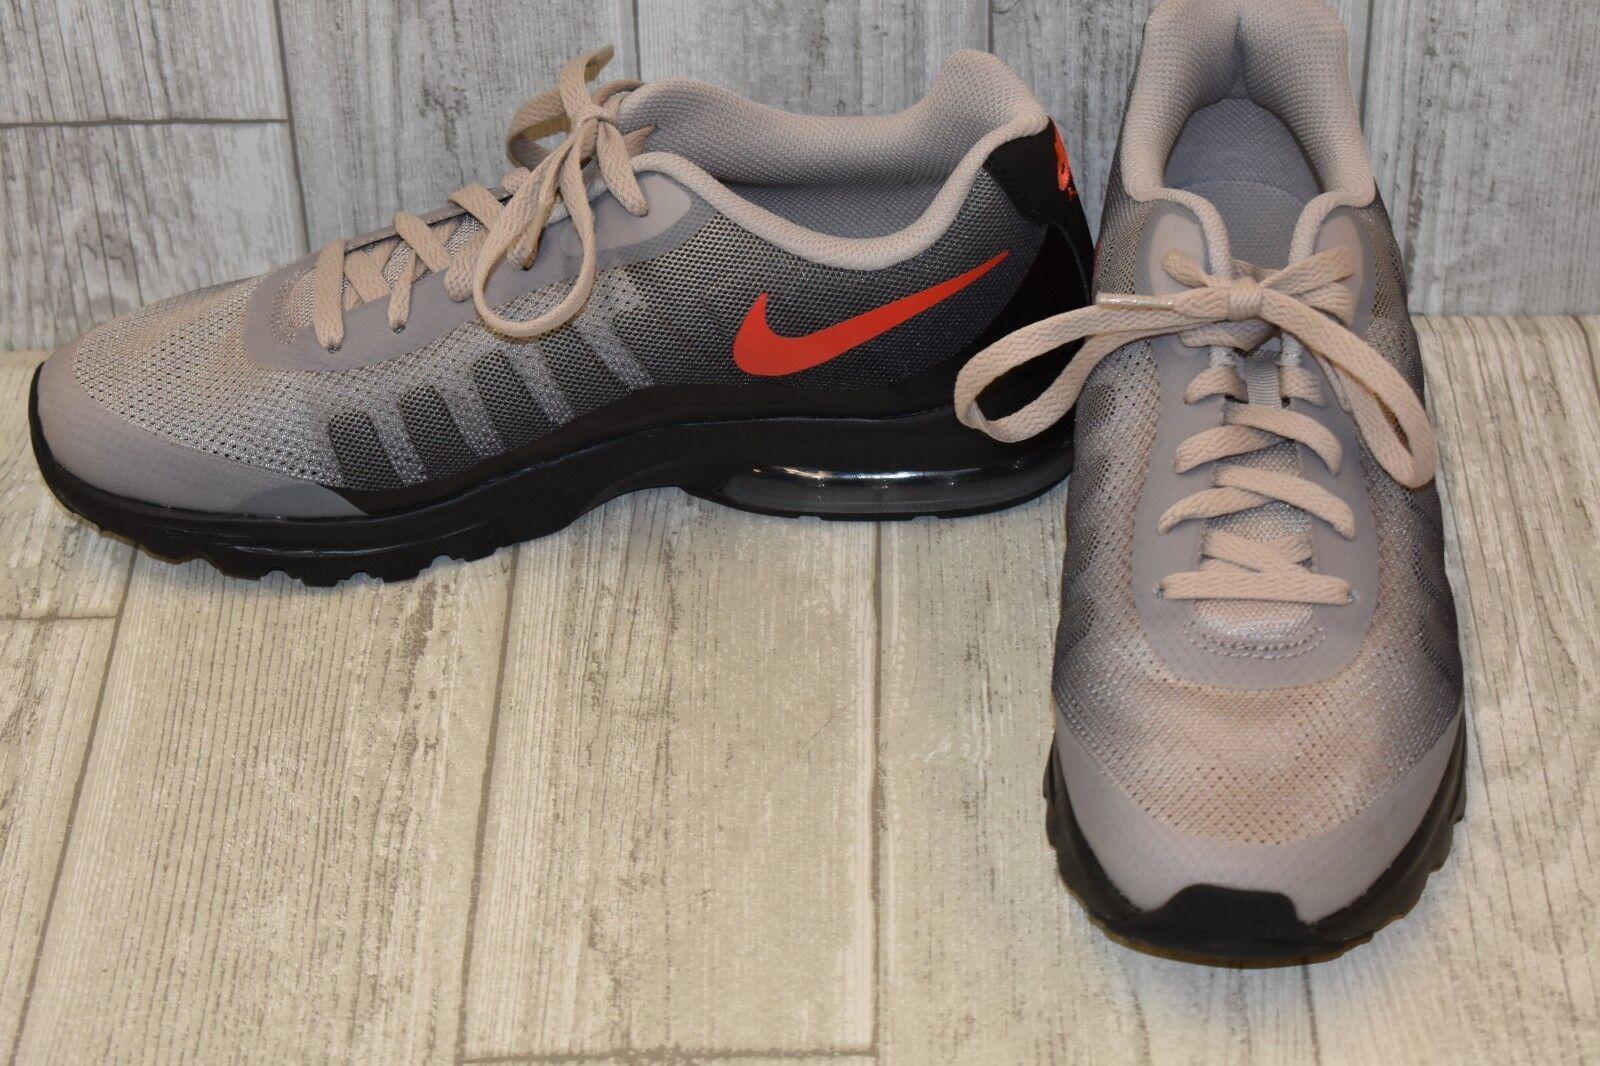 nike air max max max rinvigor scarpe da ginnastica - uomo numero 10 - multicolore | Pratico Ed Economico  | Maschio/Ragazze Scarpa  866fe5